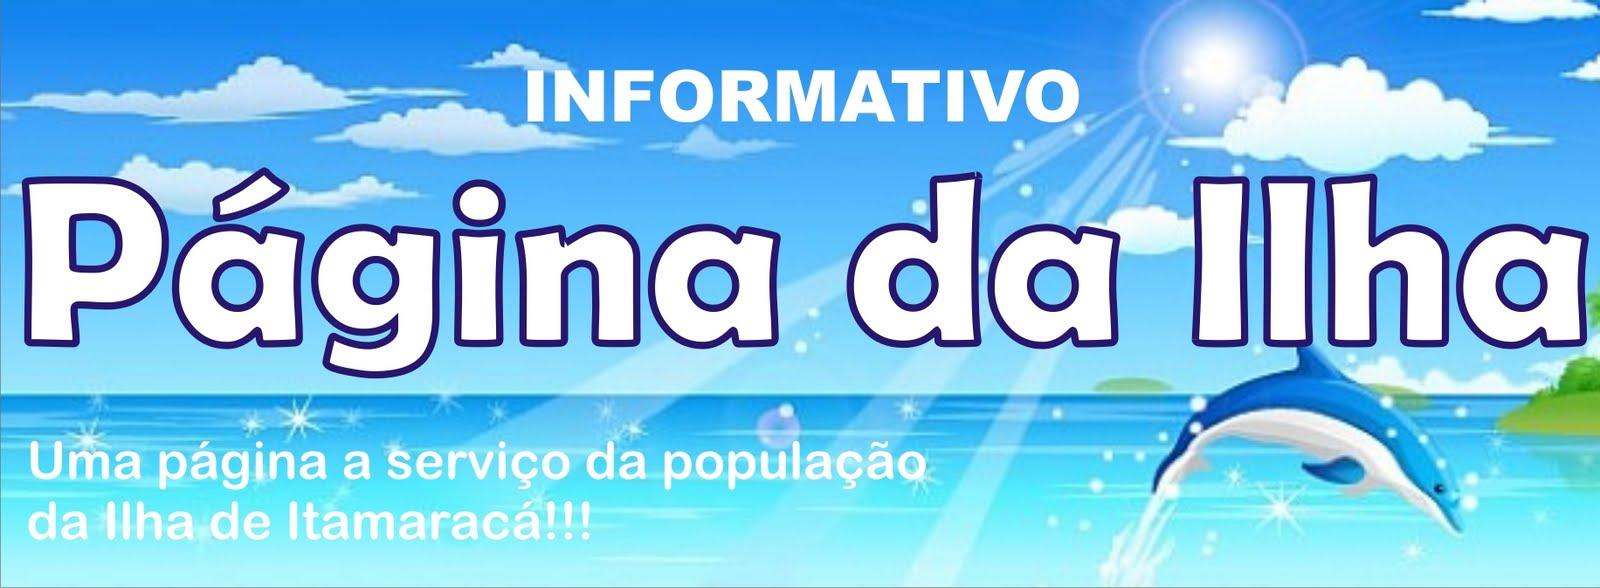 Informativo Página da Ilha